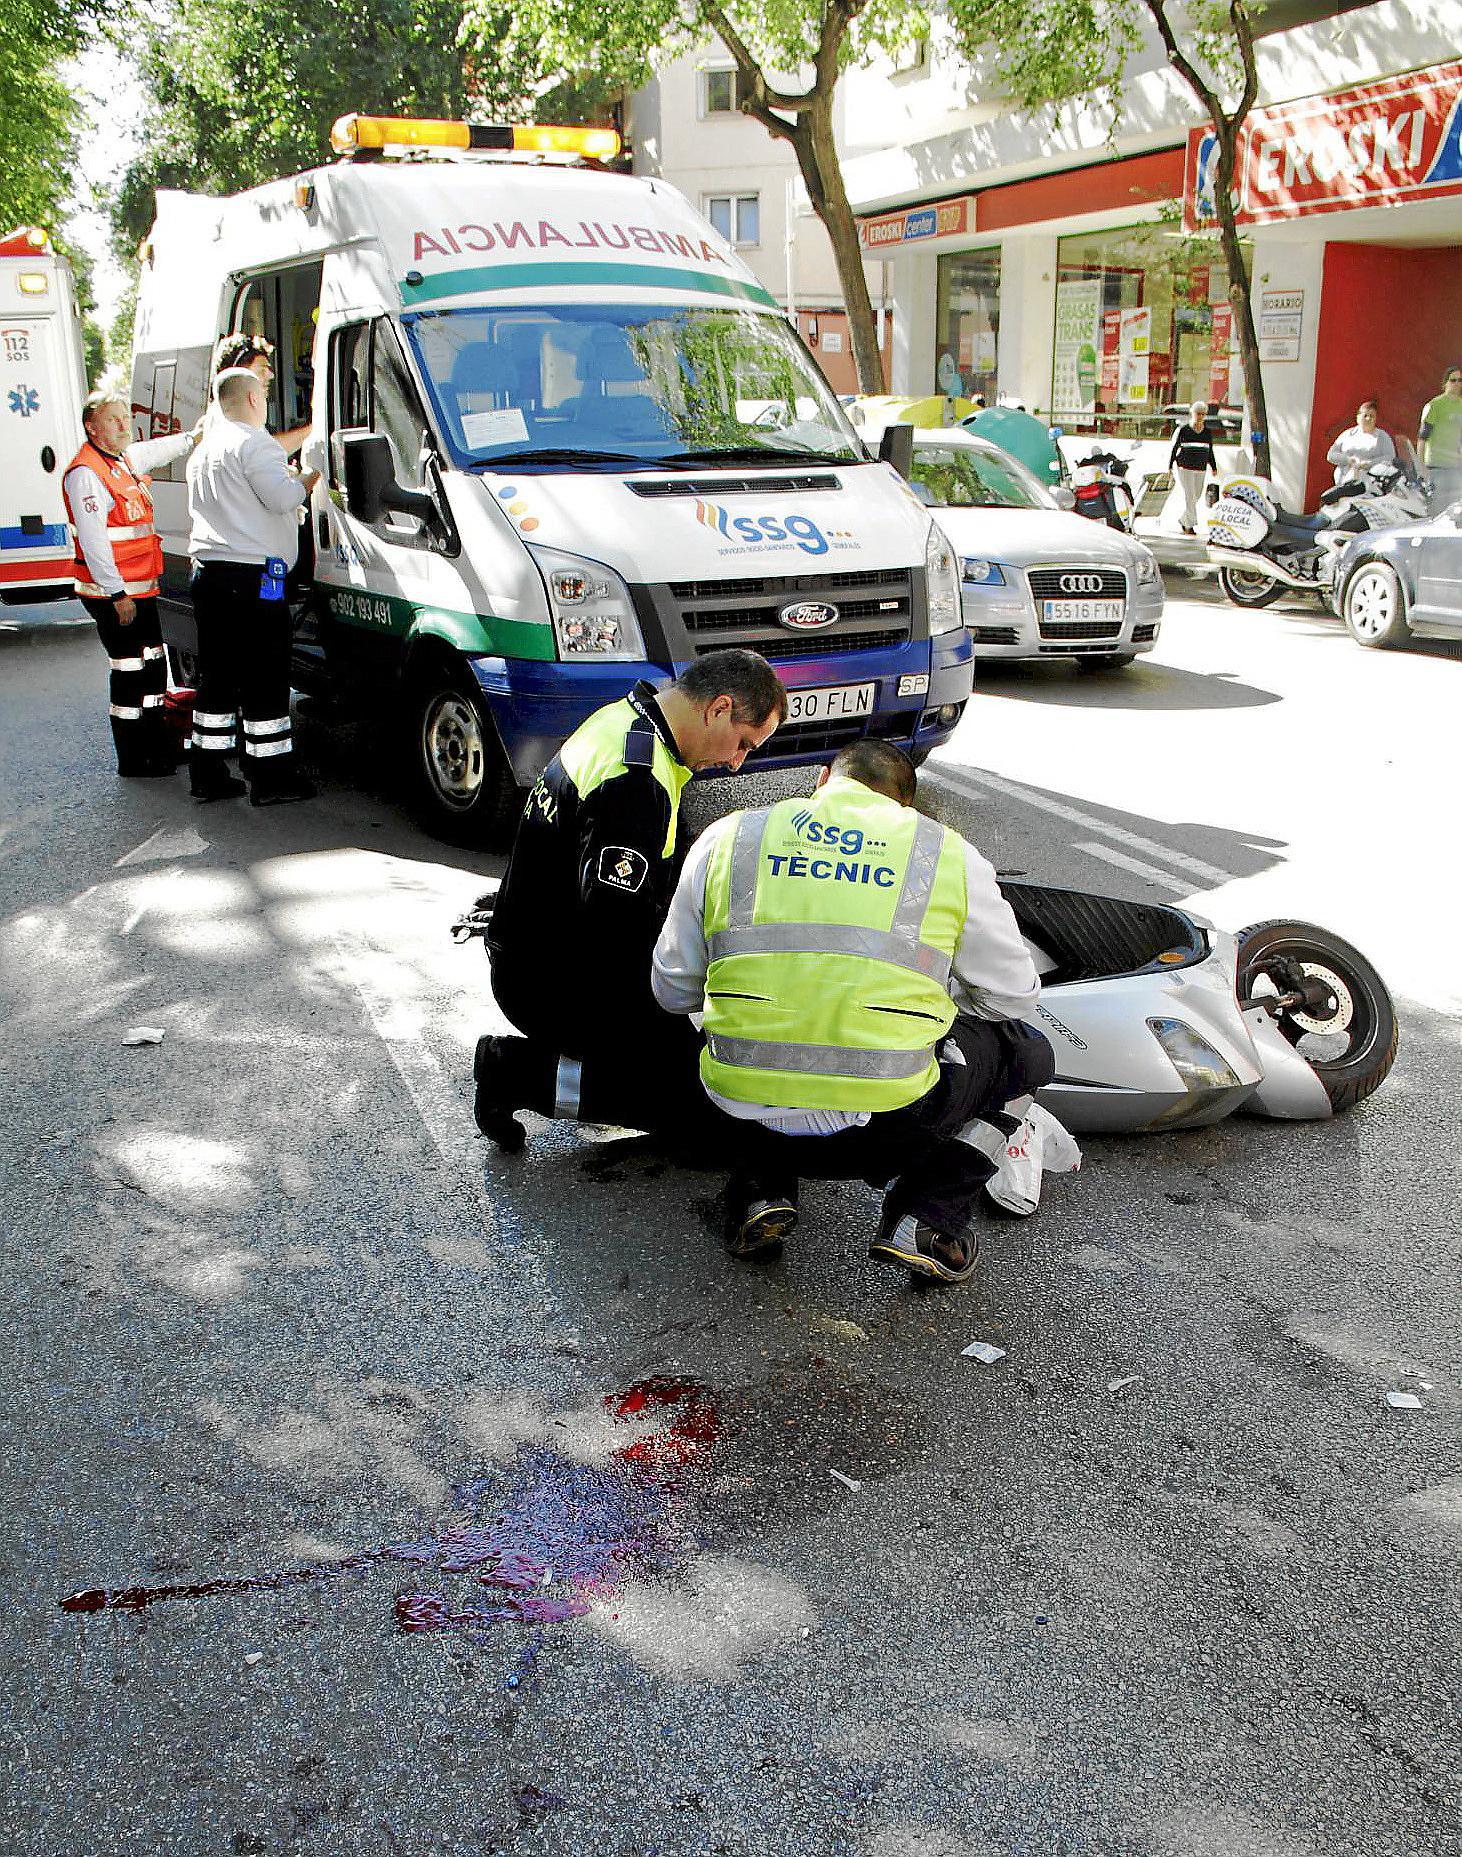 Un motorista, herido grave tras colisionar contra un coche en la calle Eusebio Estada de Palma